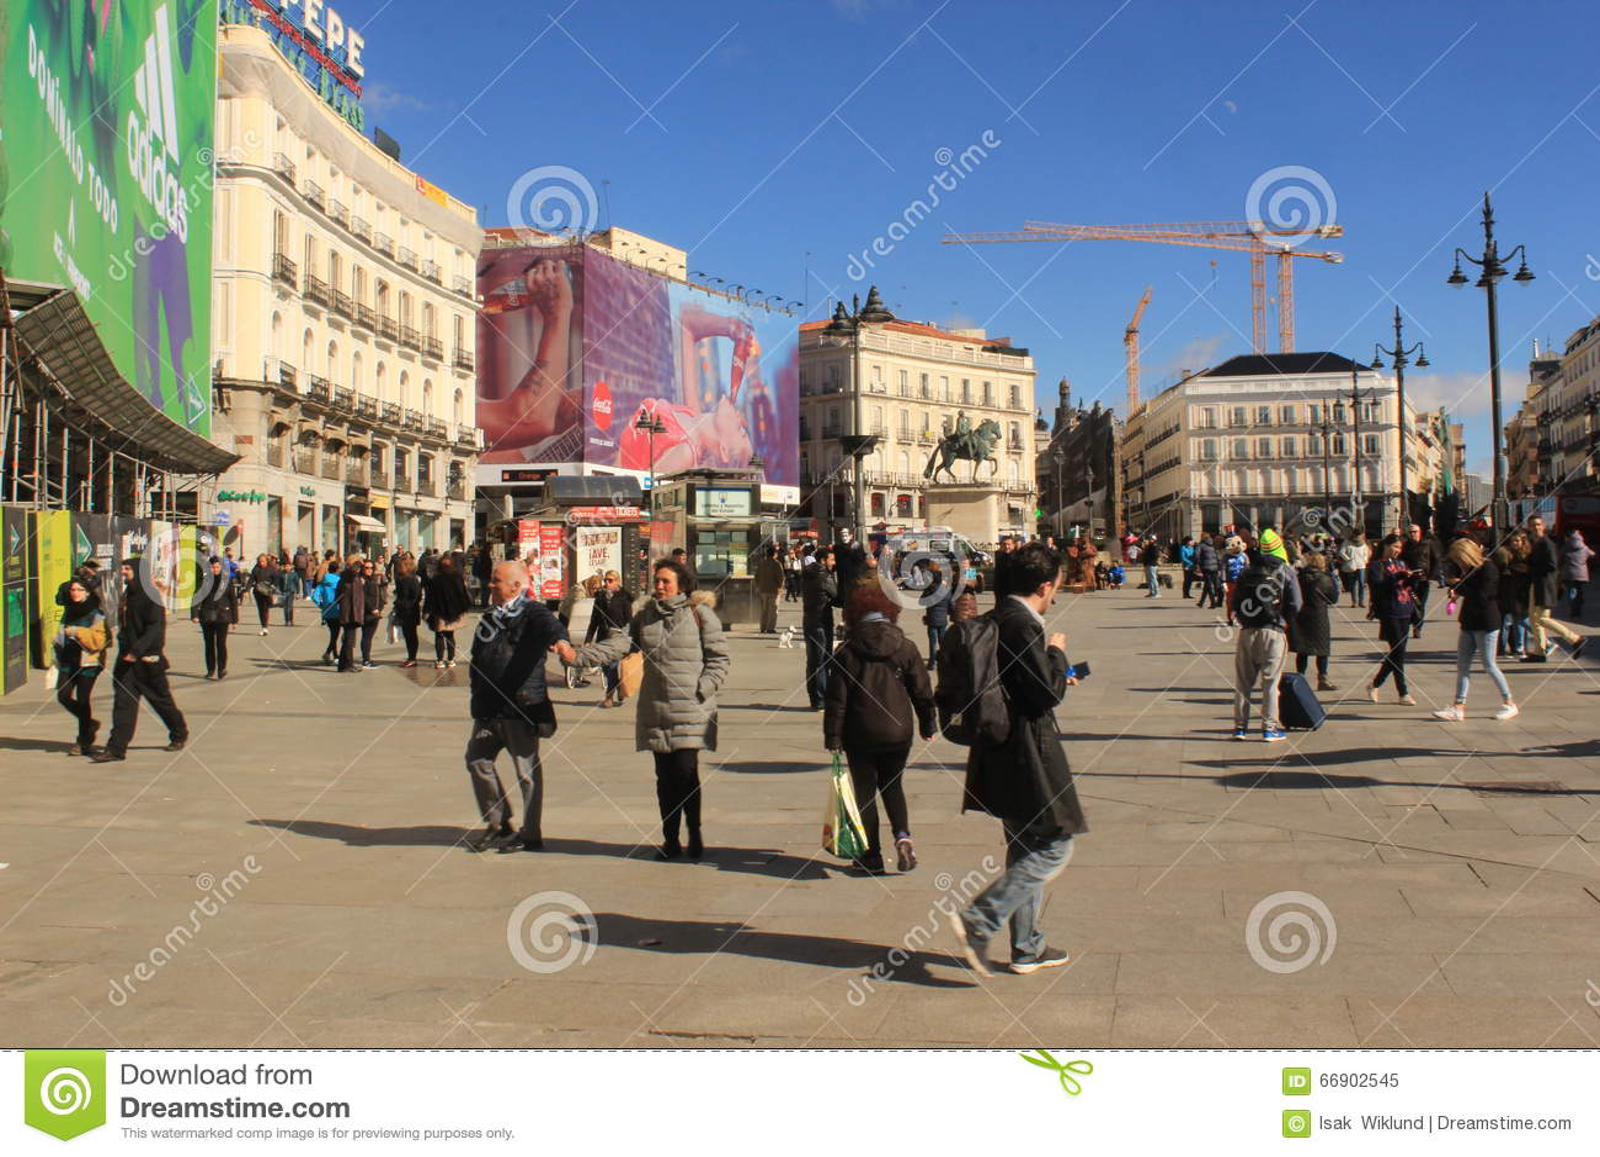 Plaza del sol sunny day in madrid capital of spain for Plaza puerta del sol madrid spain